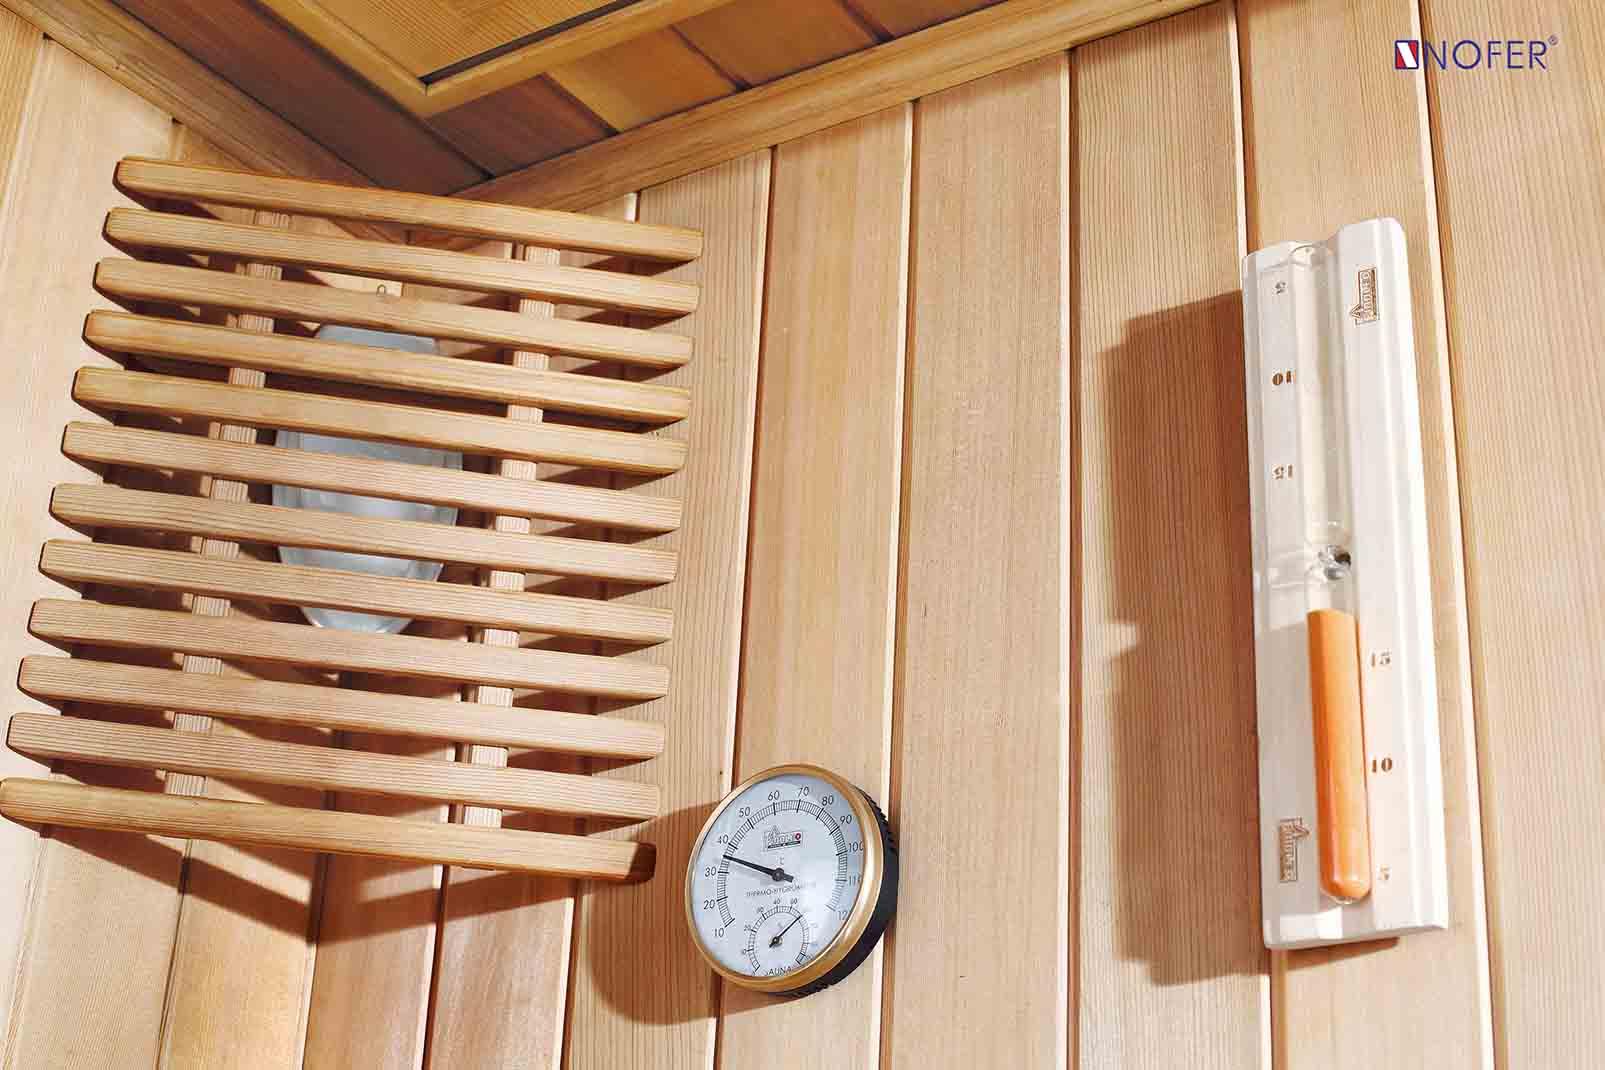 Nhiệt kế, nhiệt ẩm được lắp đặt trong phòng